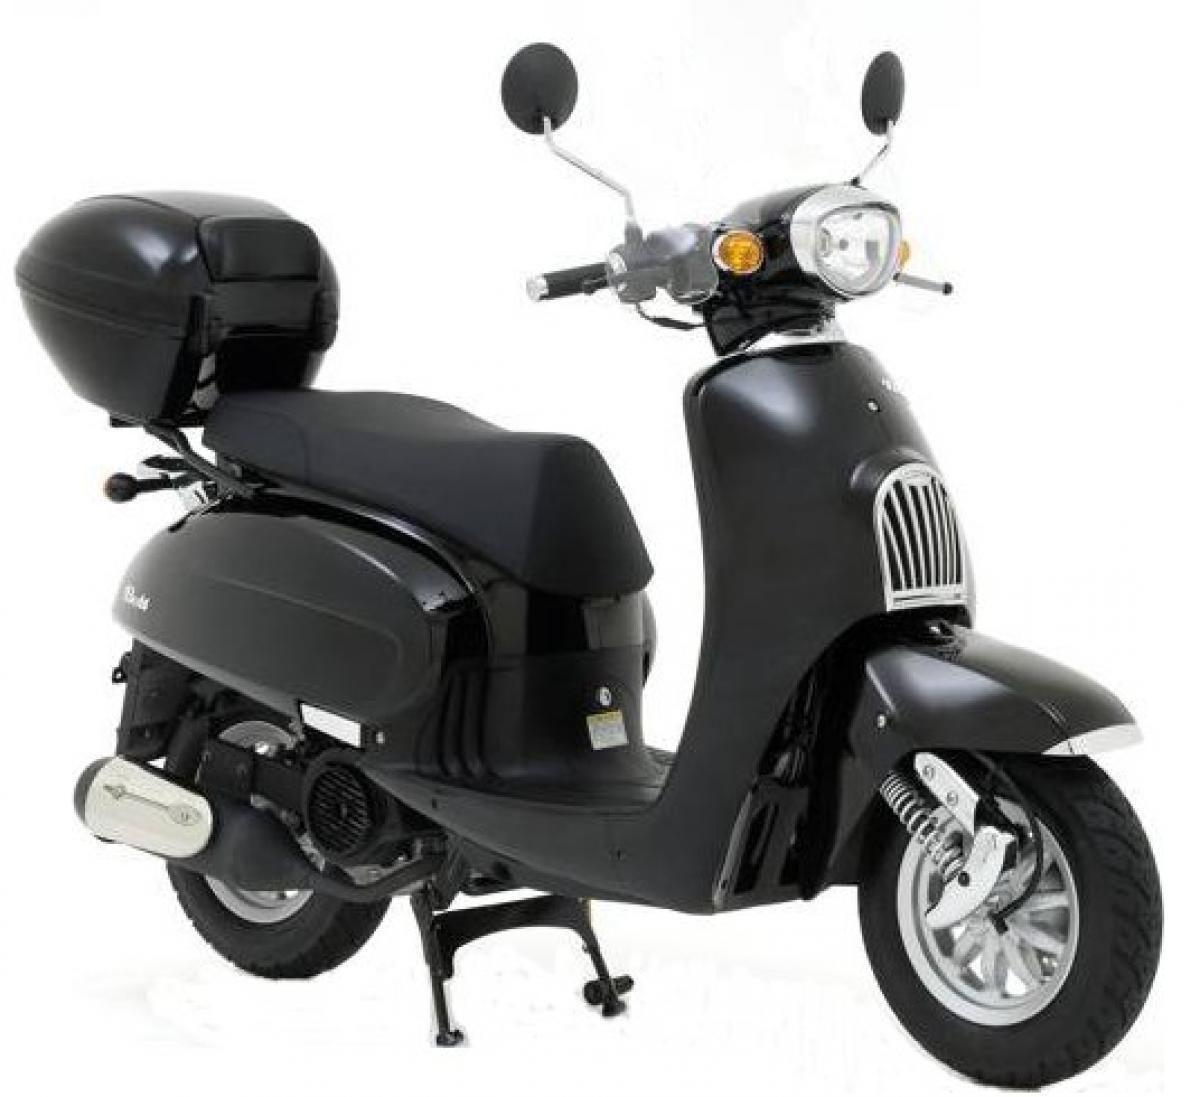 new daelim besbi 125 scooter. Black Bedroom Furniture Sets. Home Design Ideas